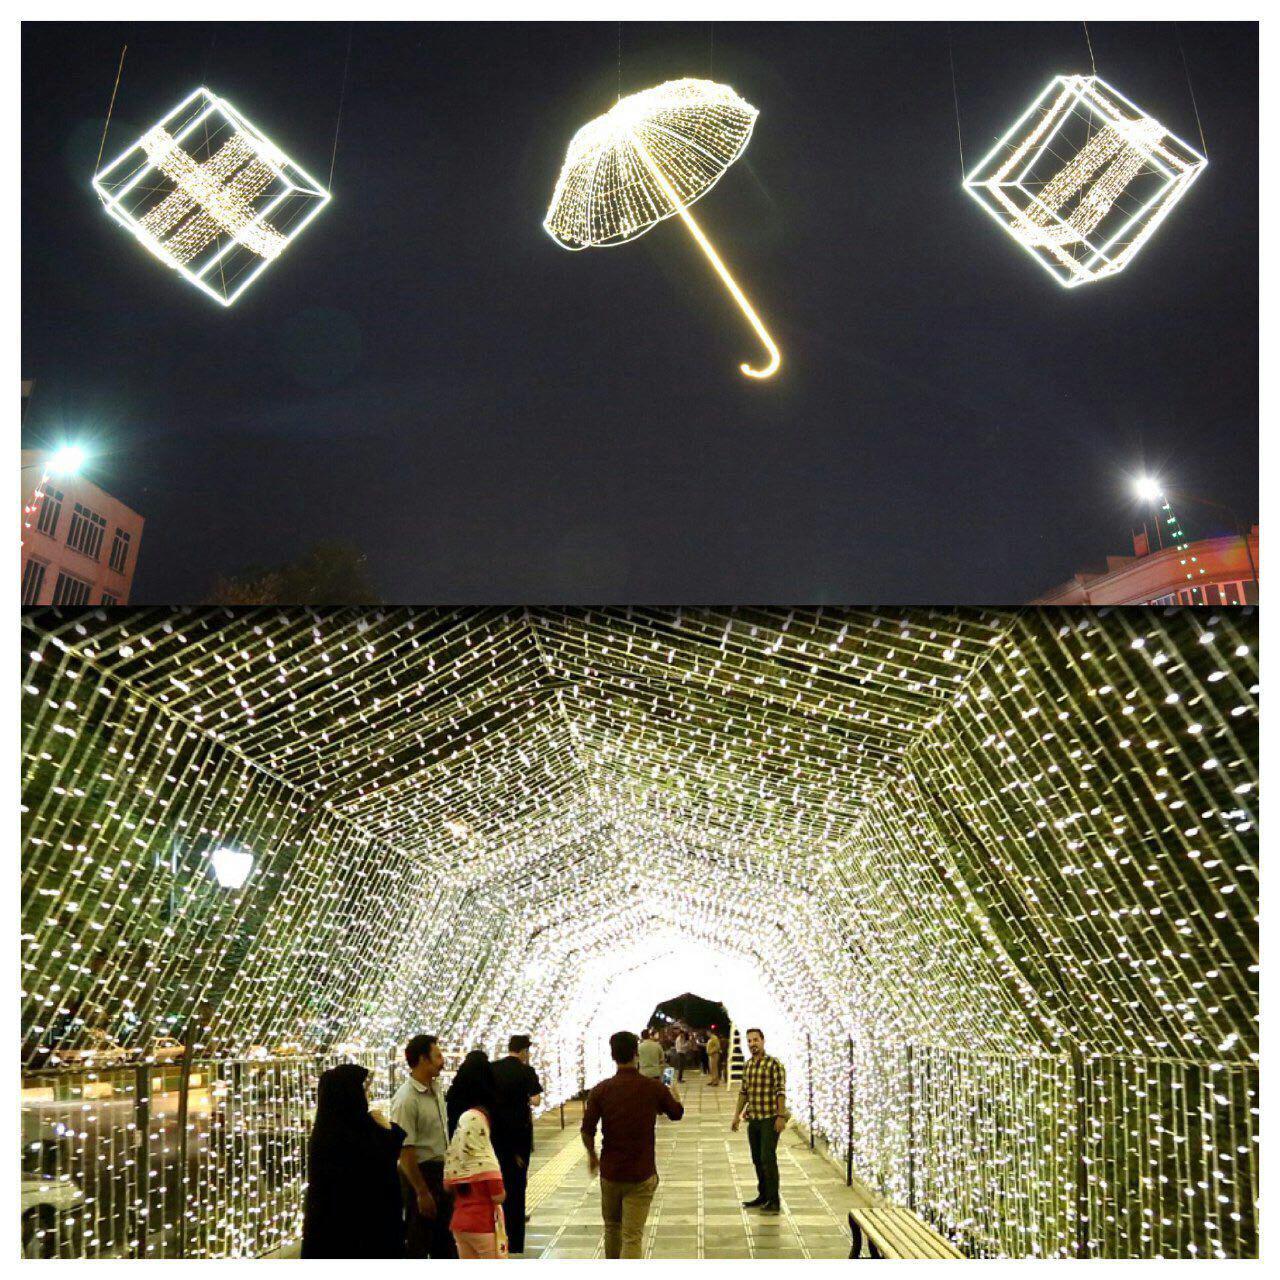 زیباسازی مبلمان شهری مشهد با نورپردازیهای خلاقانه